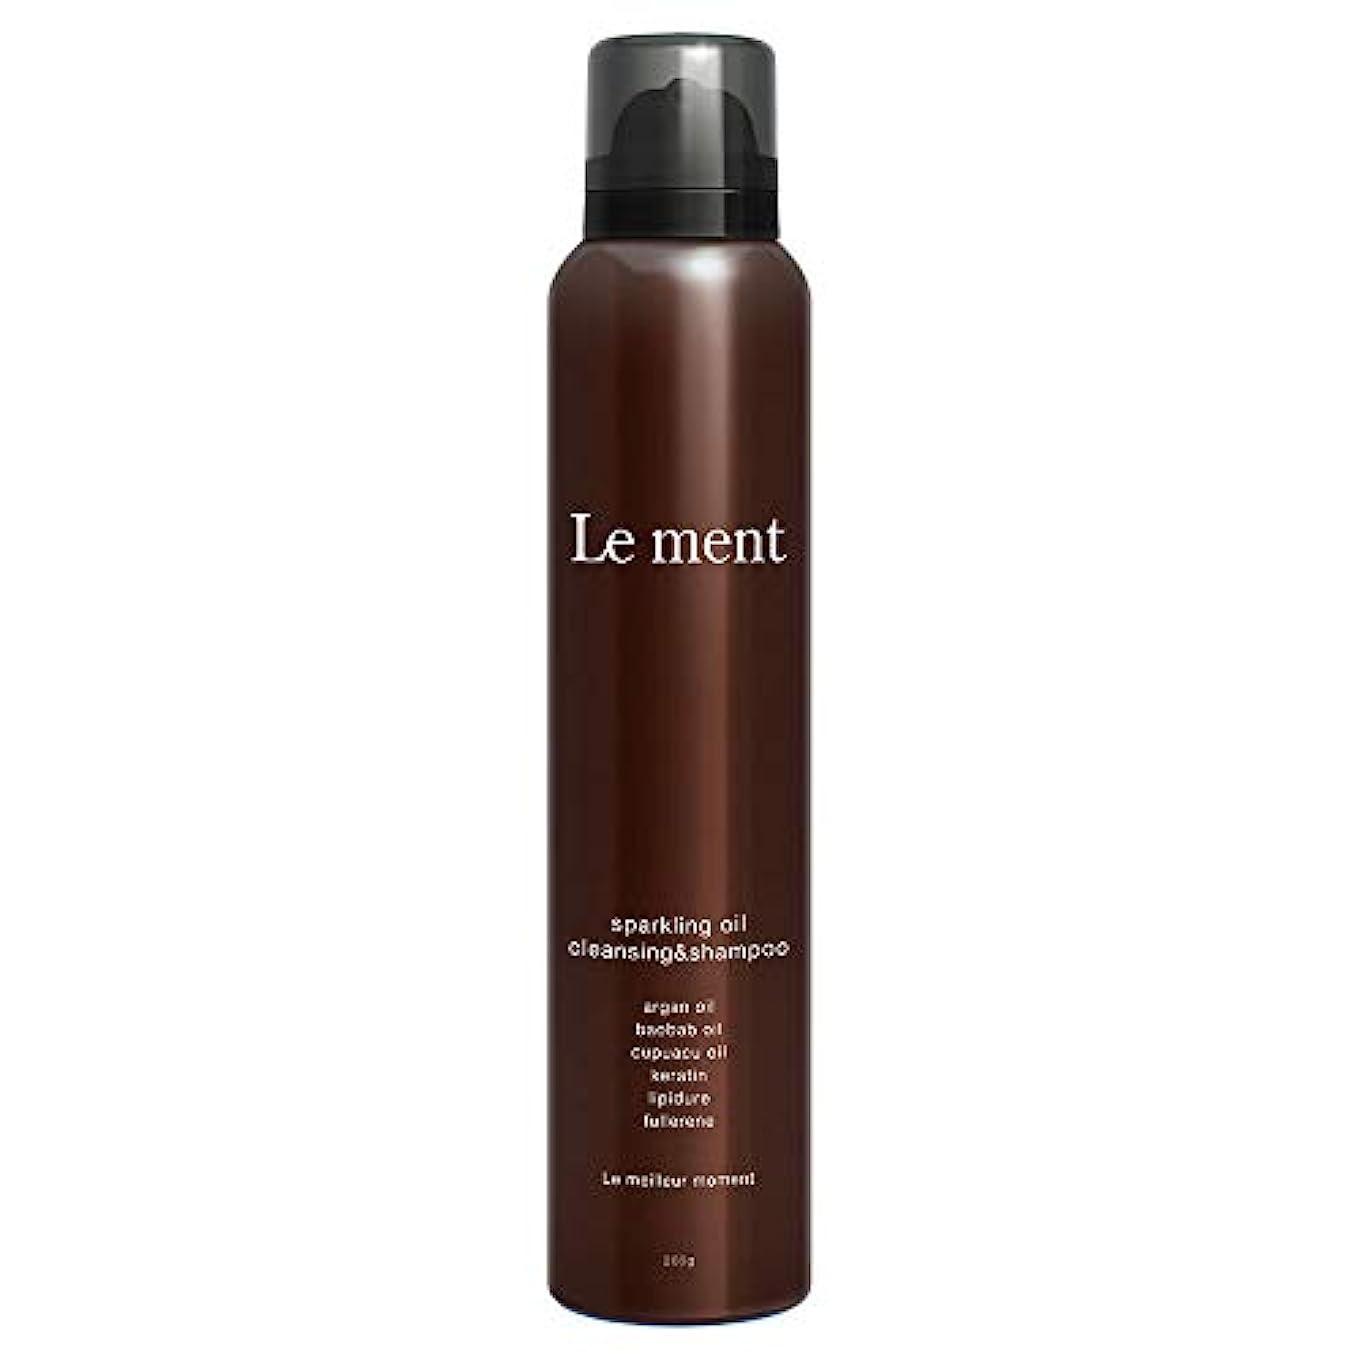 あごひげ葉を集めるホイットニーLe ment -sparkling oil cleansing & shampoo -